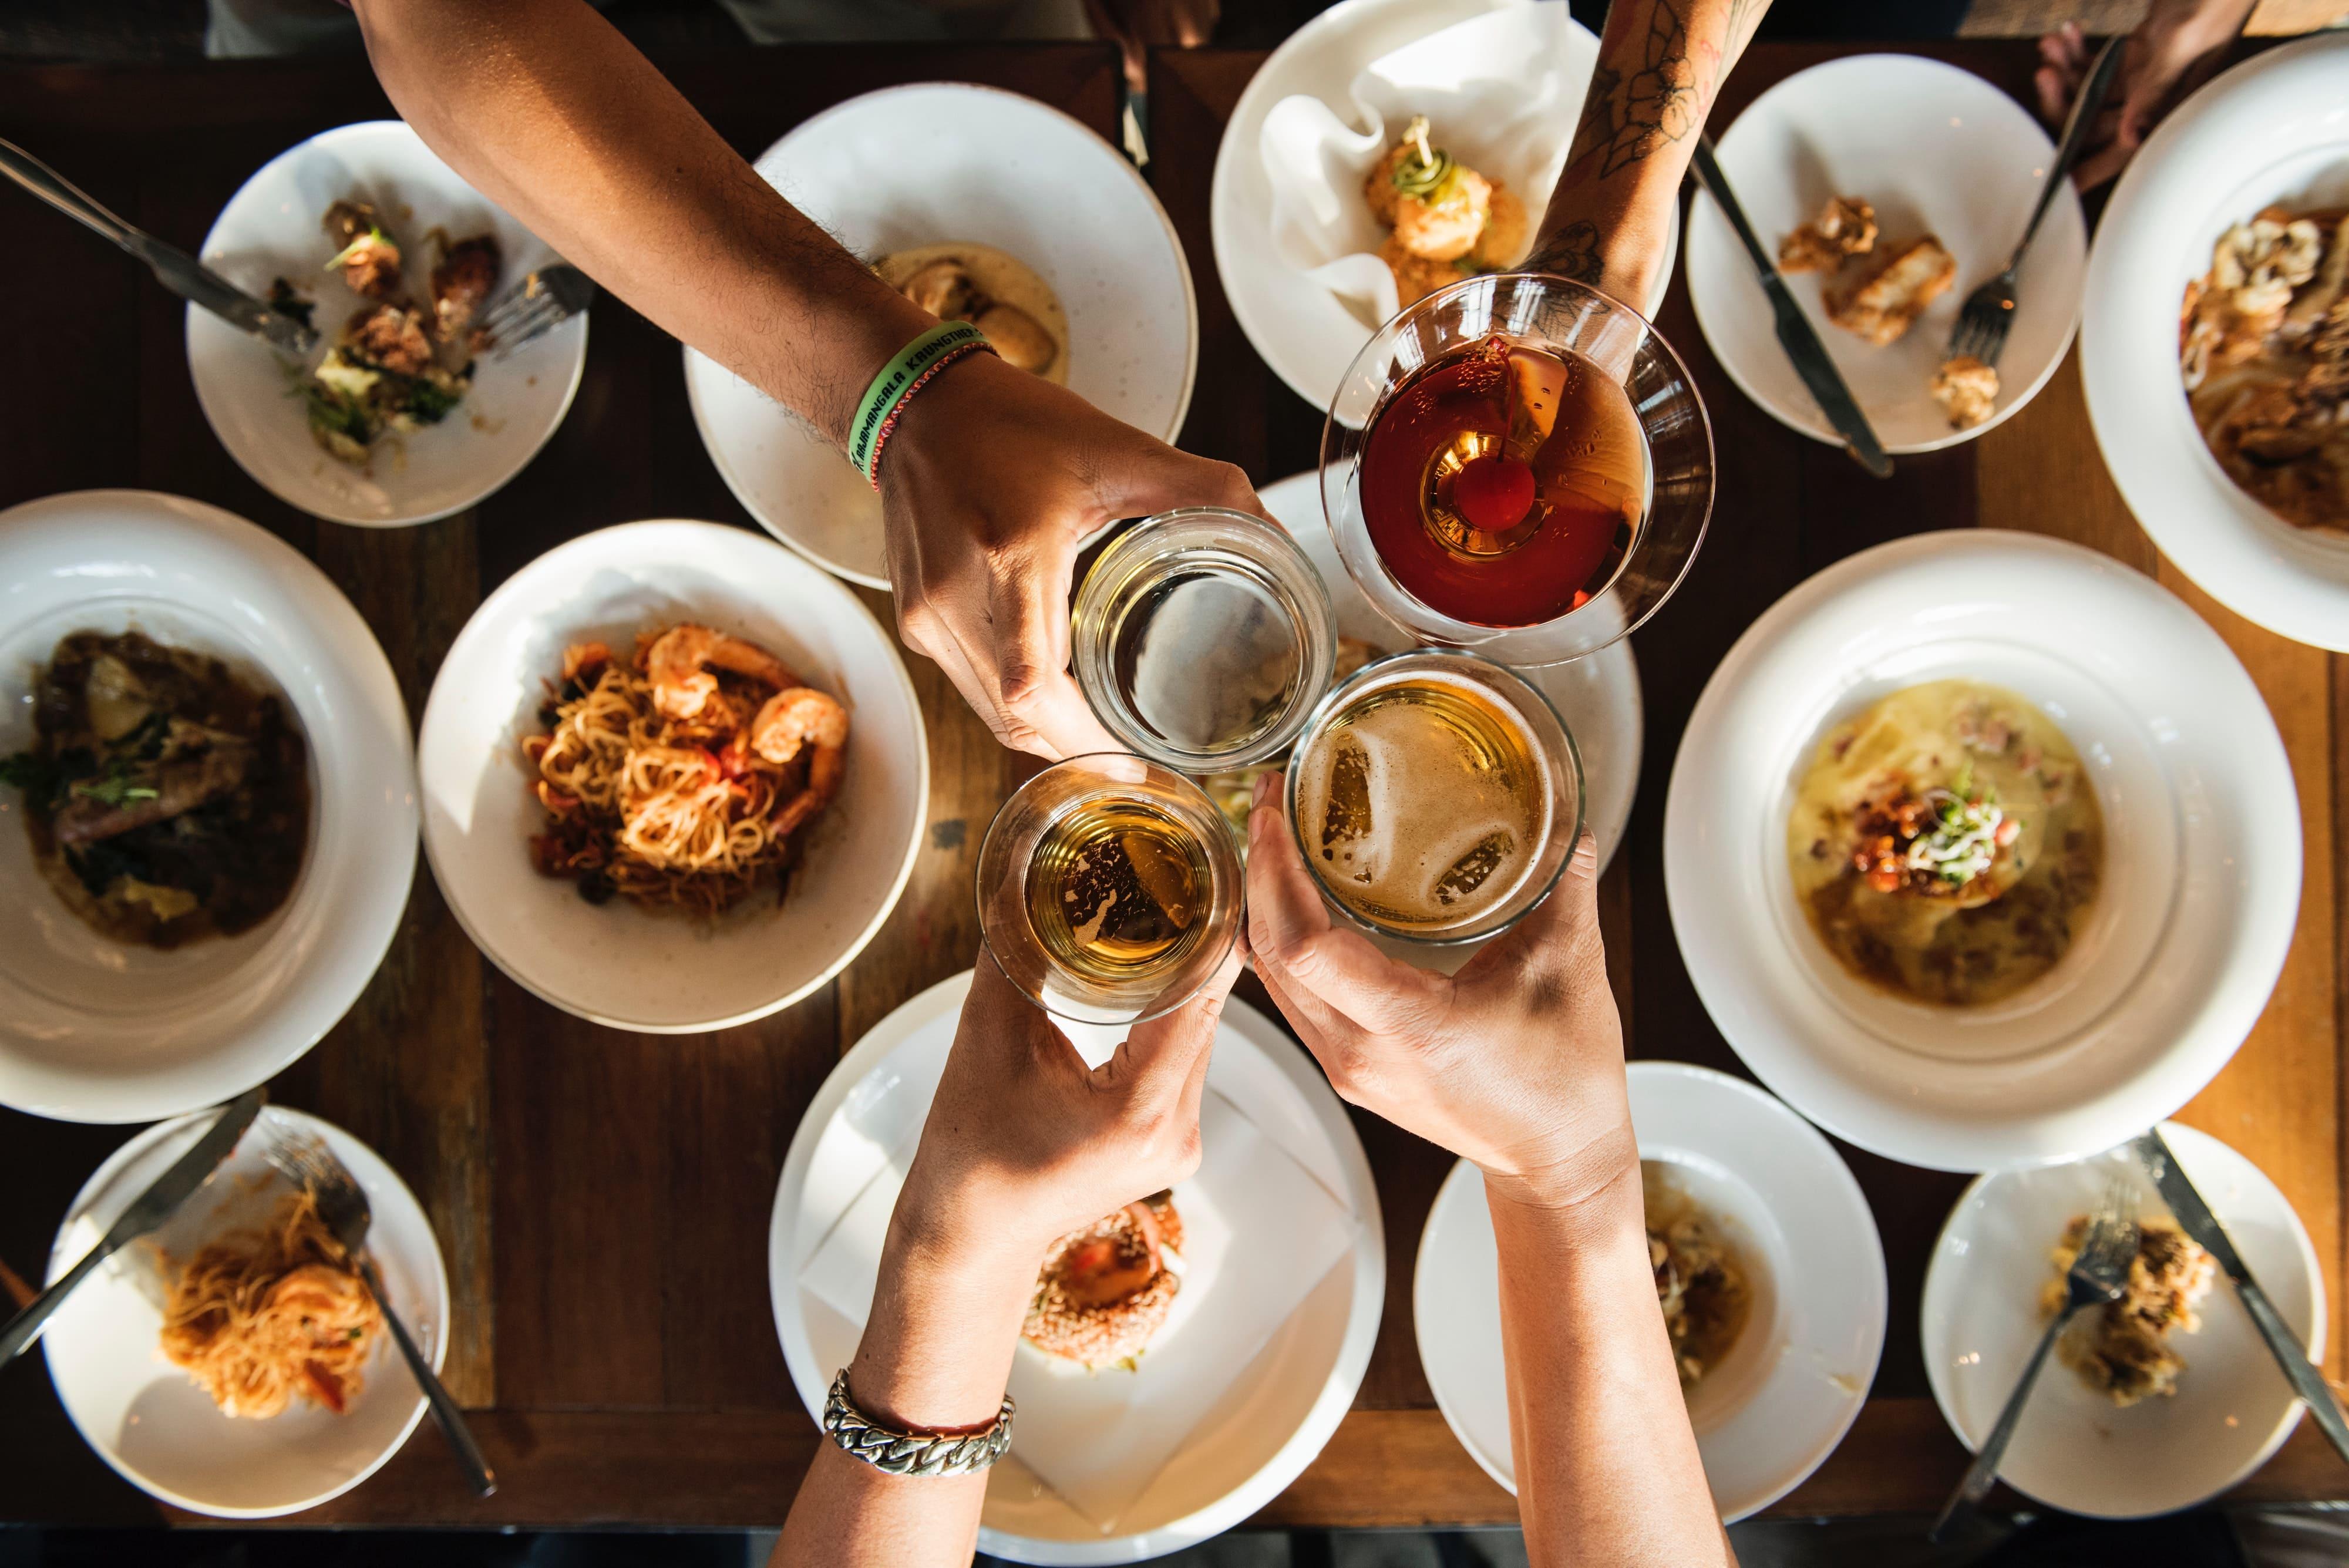 Mangiare e bere a Milano - Milano Sguardi Inediti